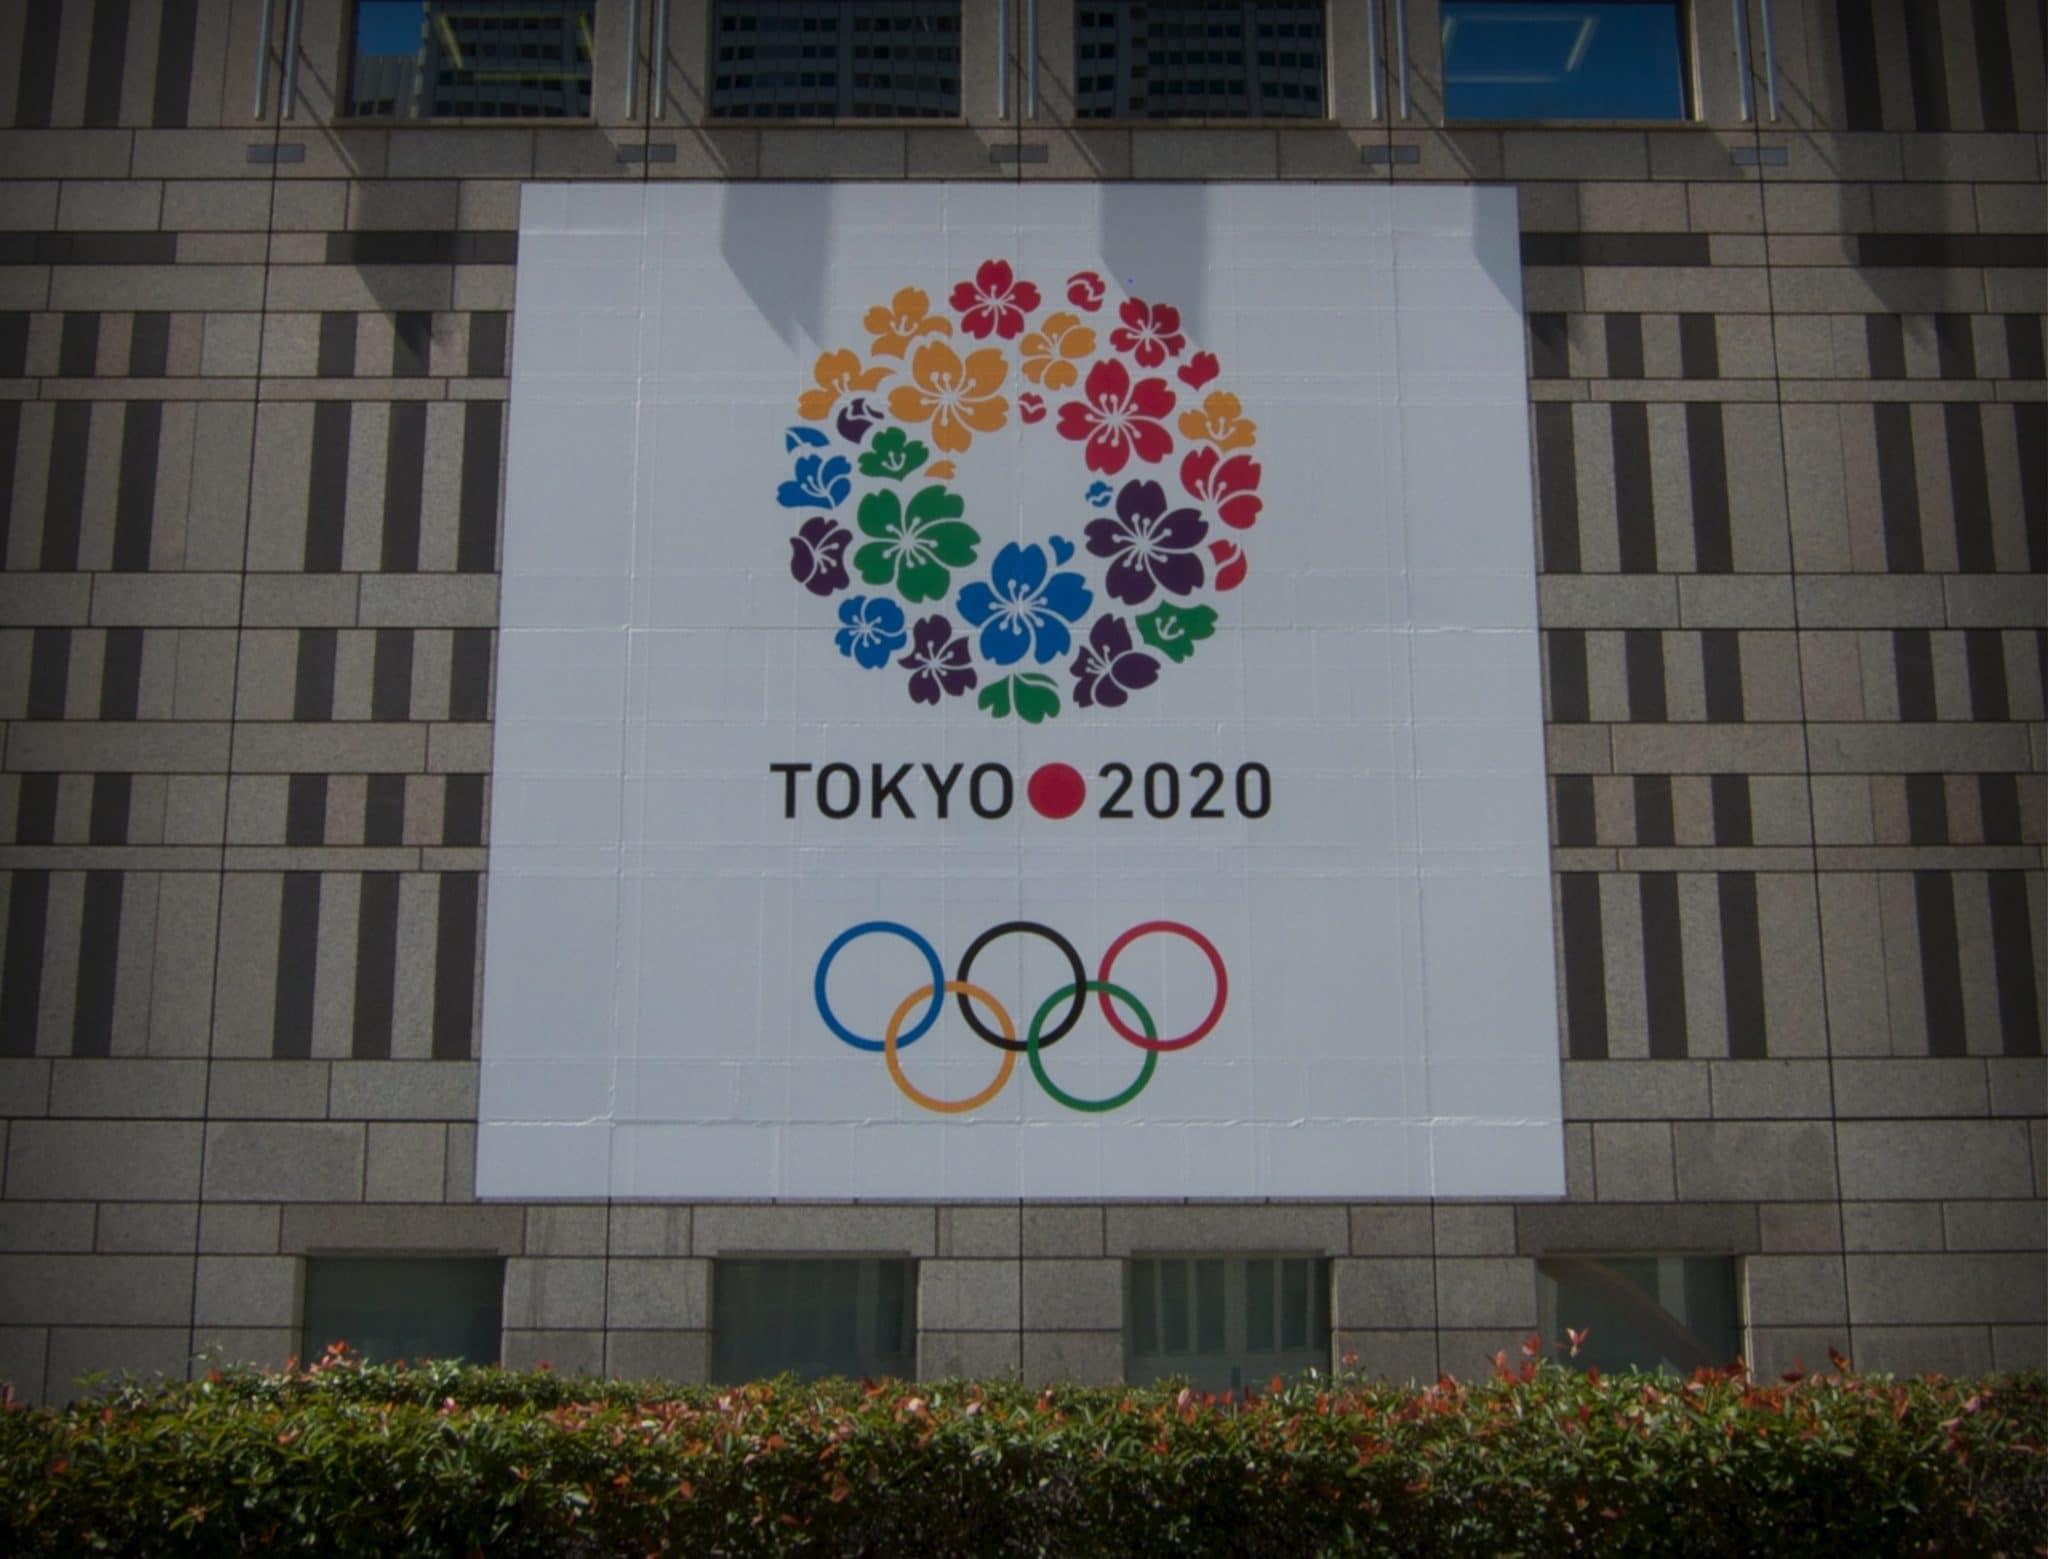 Решение о переносе Олимпийских игр уже практически принято, вопрос лишь – на какое время